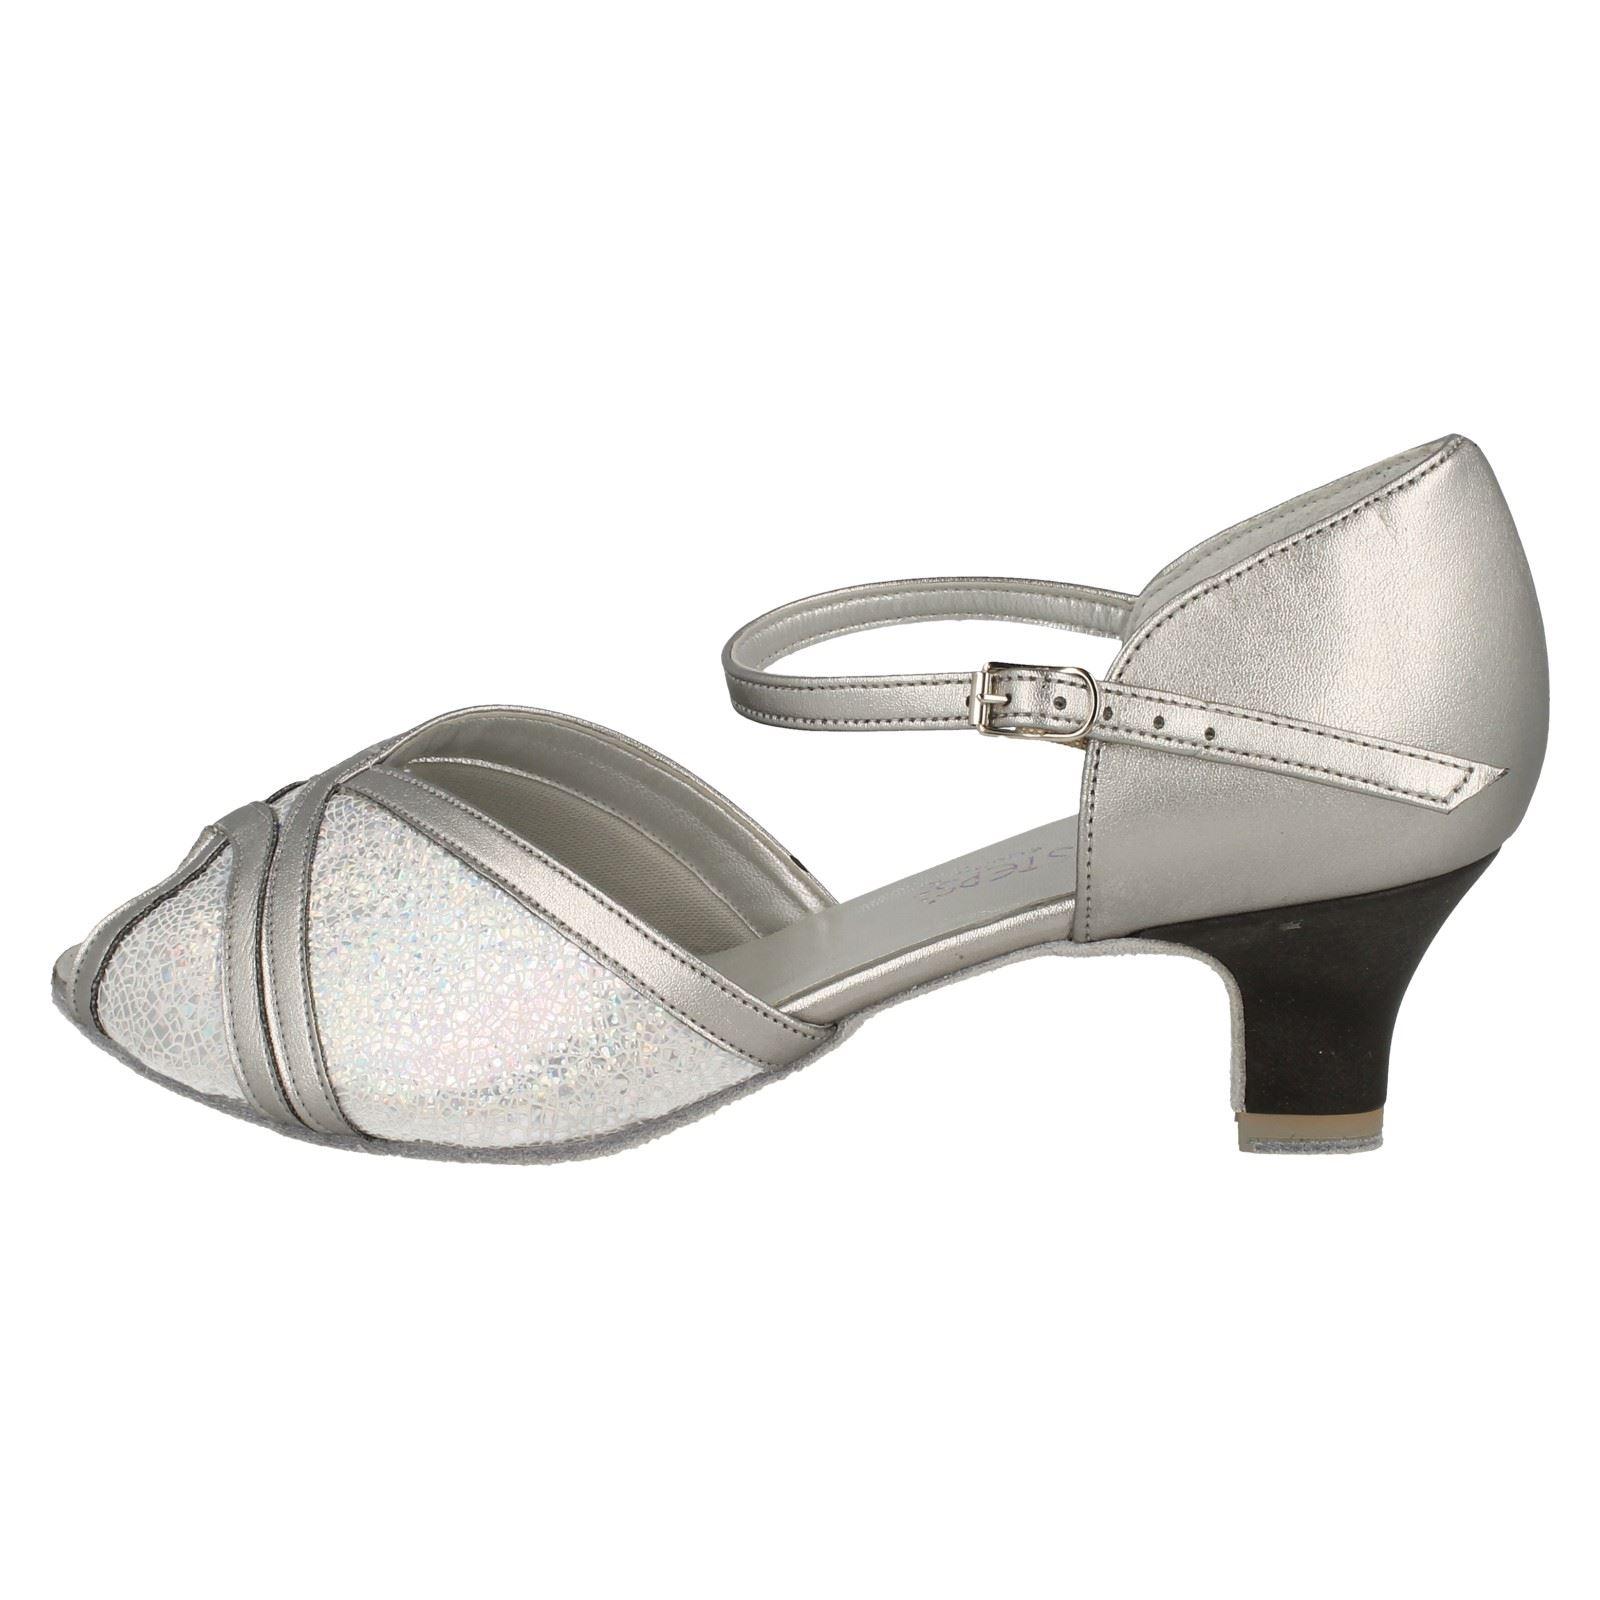 homme / femme de danse par l'équité des chaussures de de de danse mesdames, améthyste louis, élaborer une boutique en ligne divers types gb287 | Online Store  4c8f76